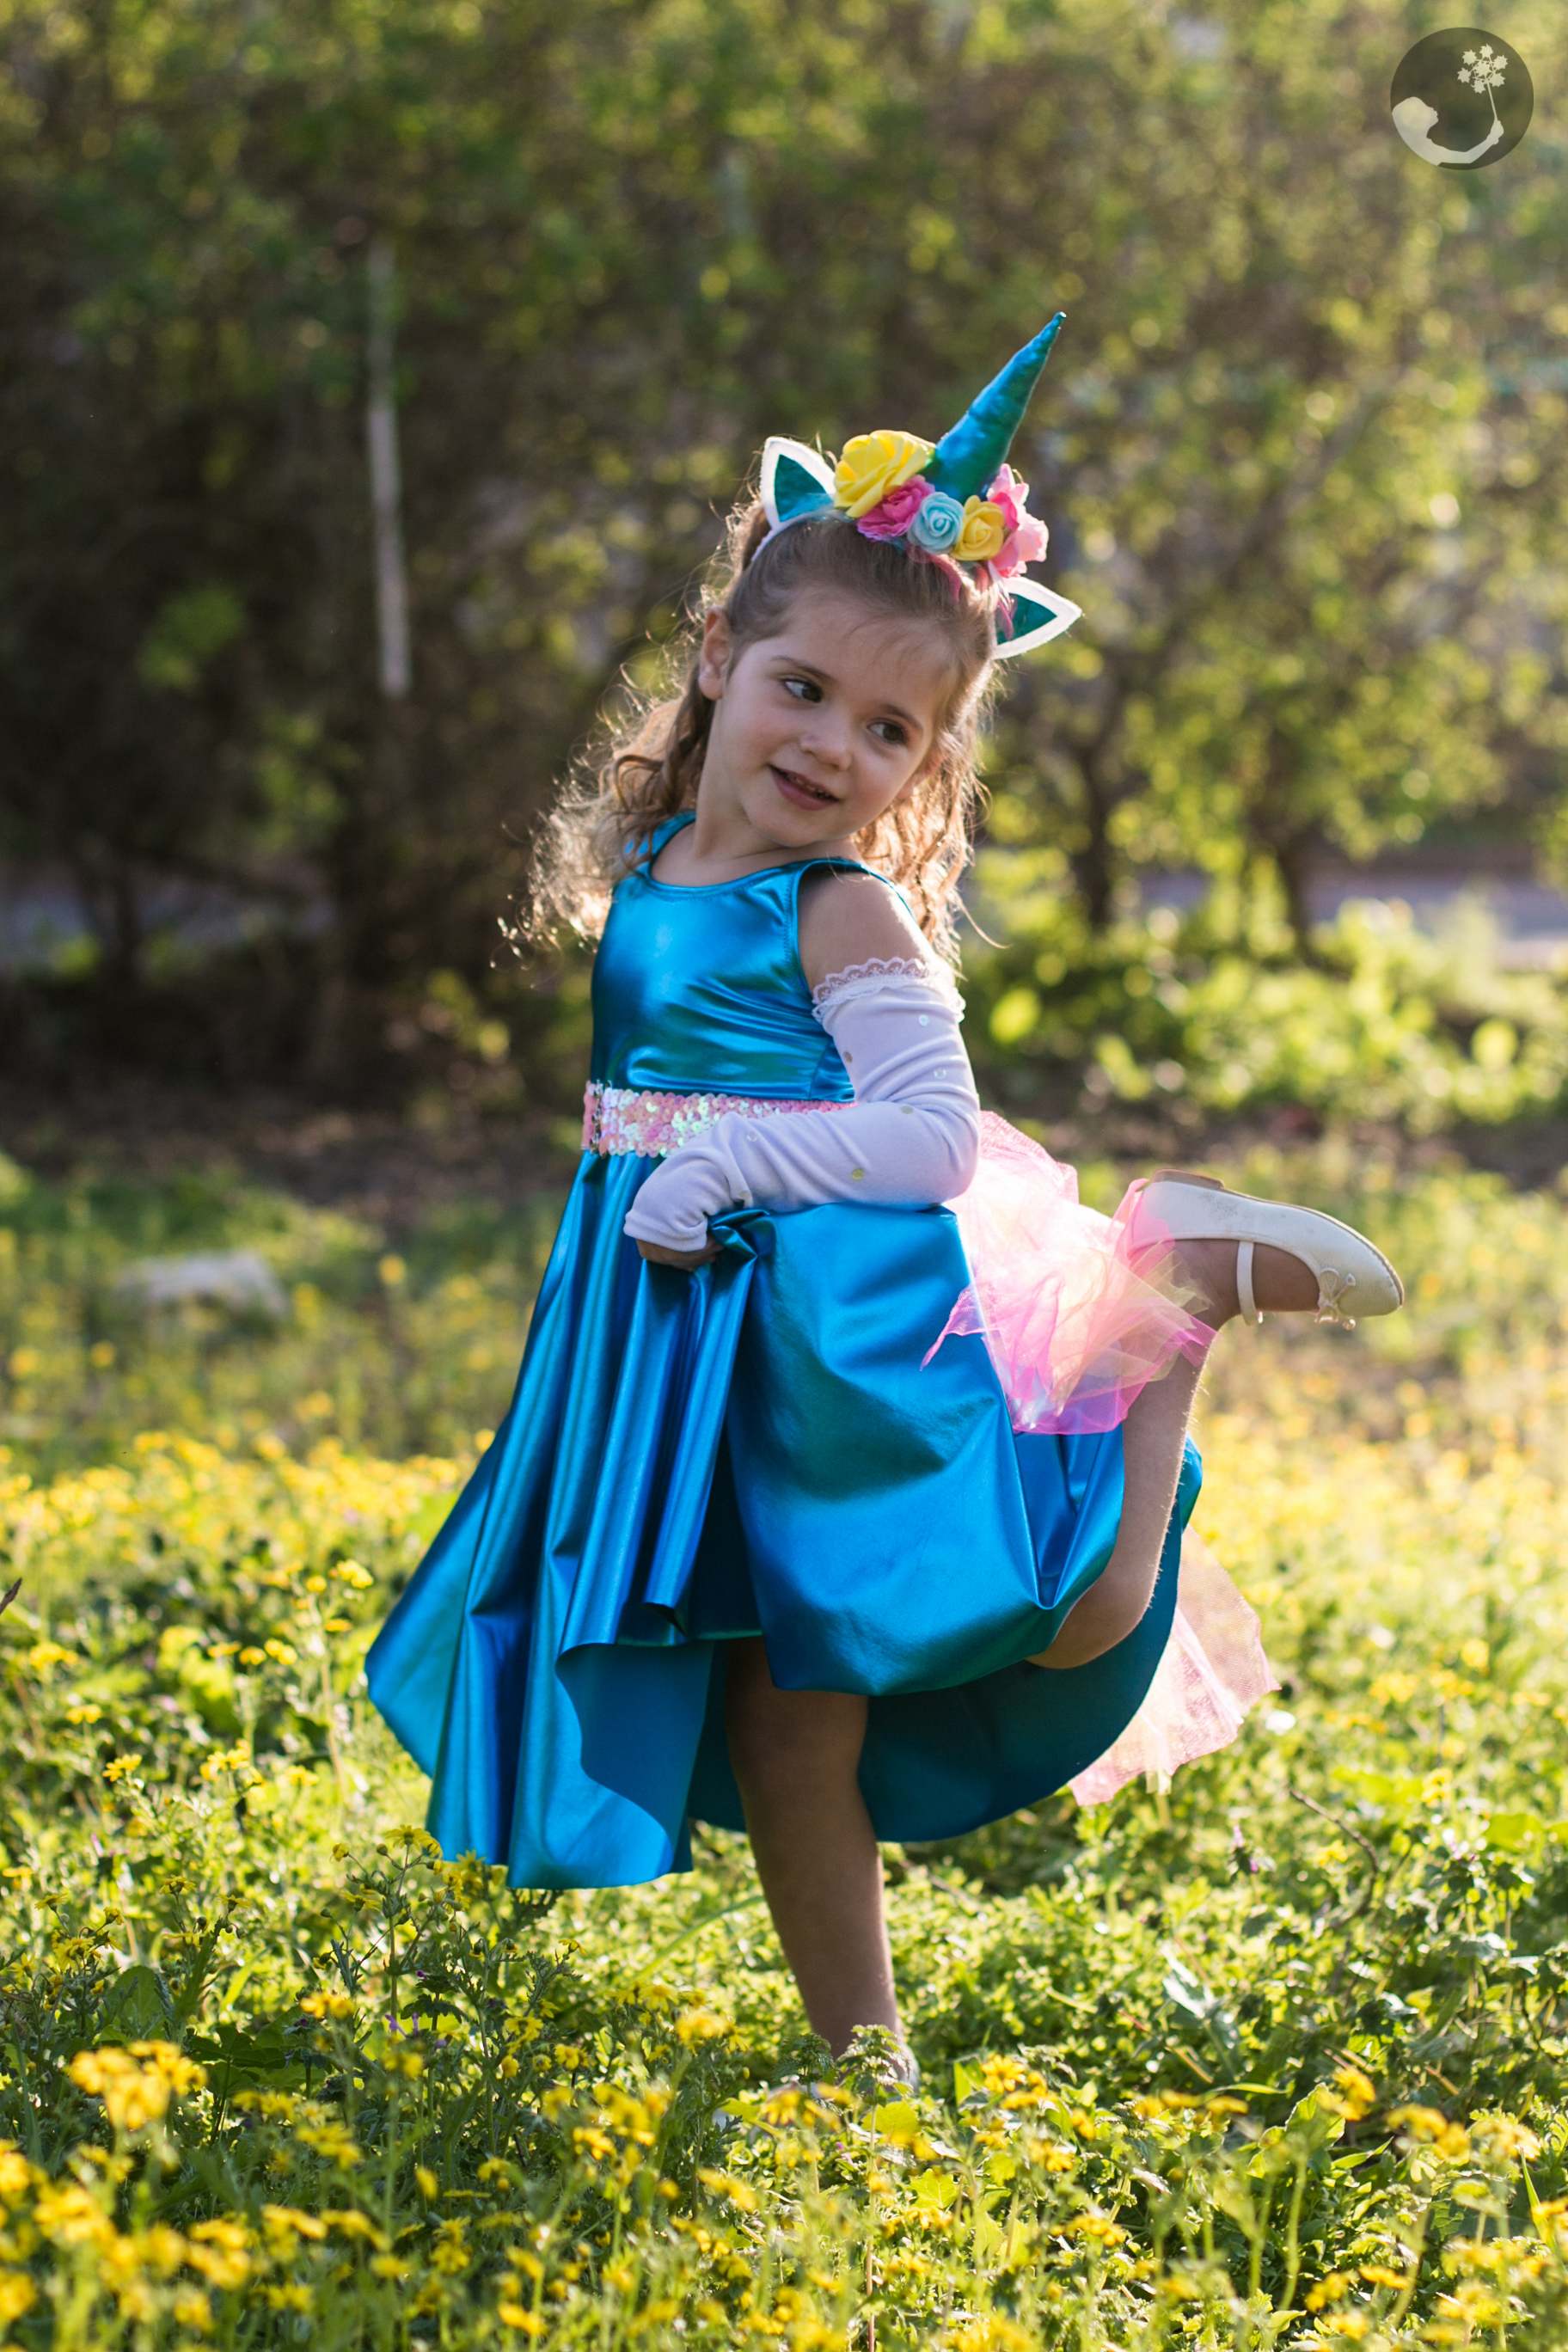 חד קרן, אילאיל עיצוב בגדי ילדים (צילום: שירלי גולן)